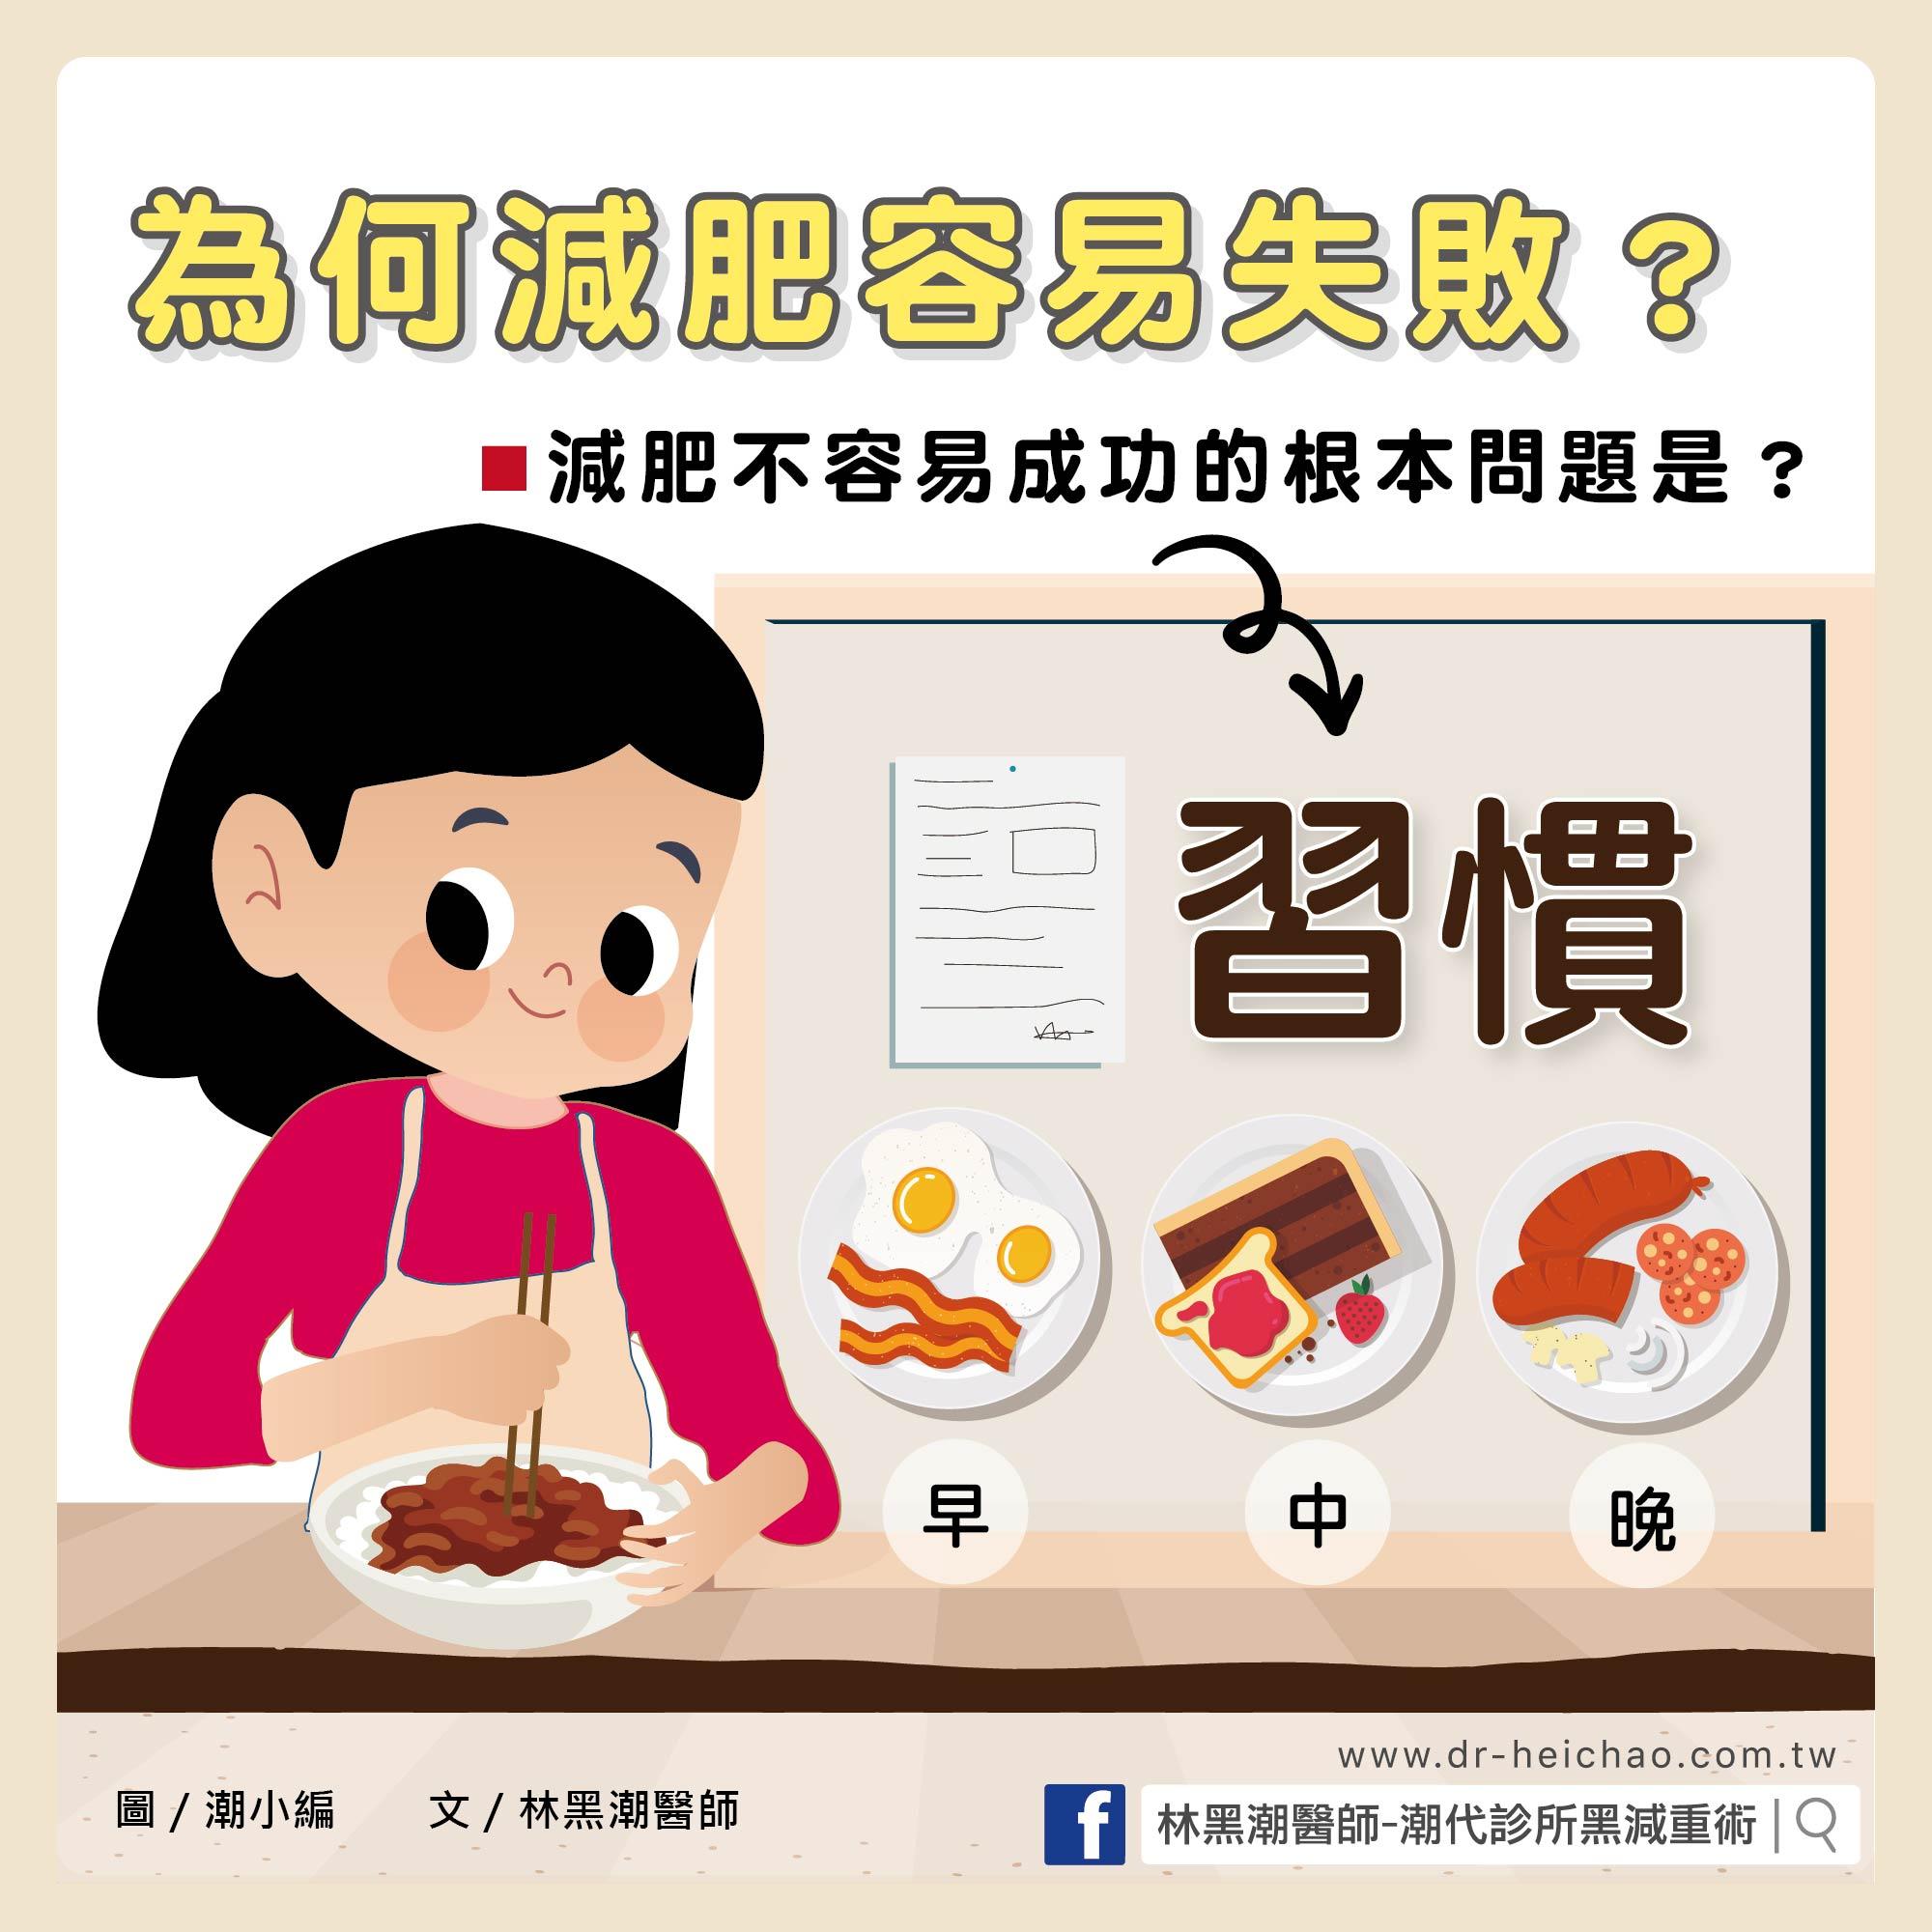 為何減肥容易失敗?/ 文:林黑潮醫師